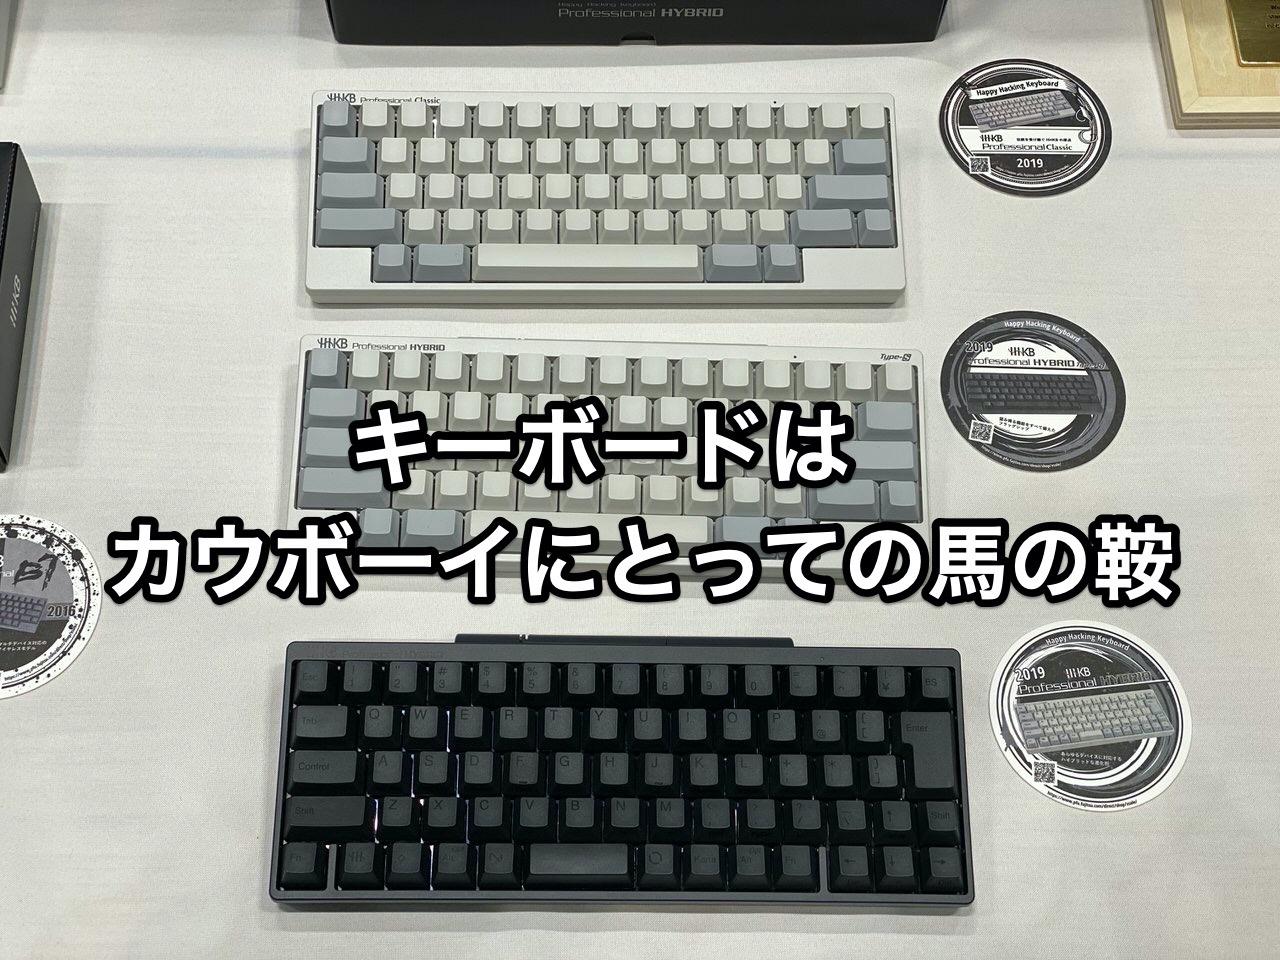 「キーボードはカウボーイにとっての鞍である」設計思想に共感する孤高のキーボード「Happy Hacking Keyboard」